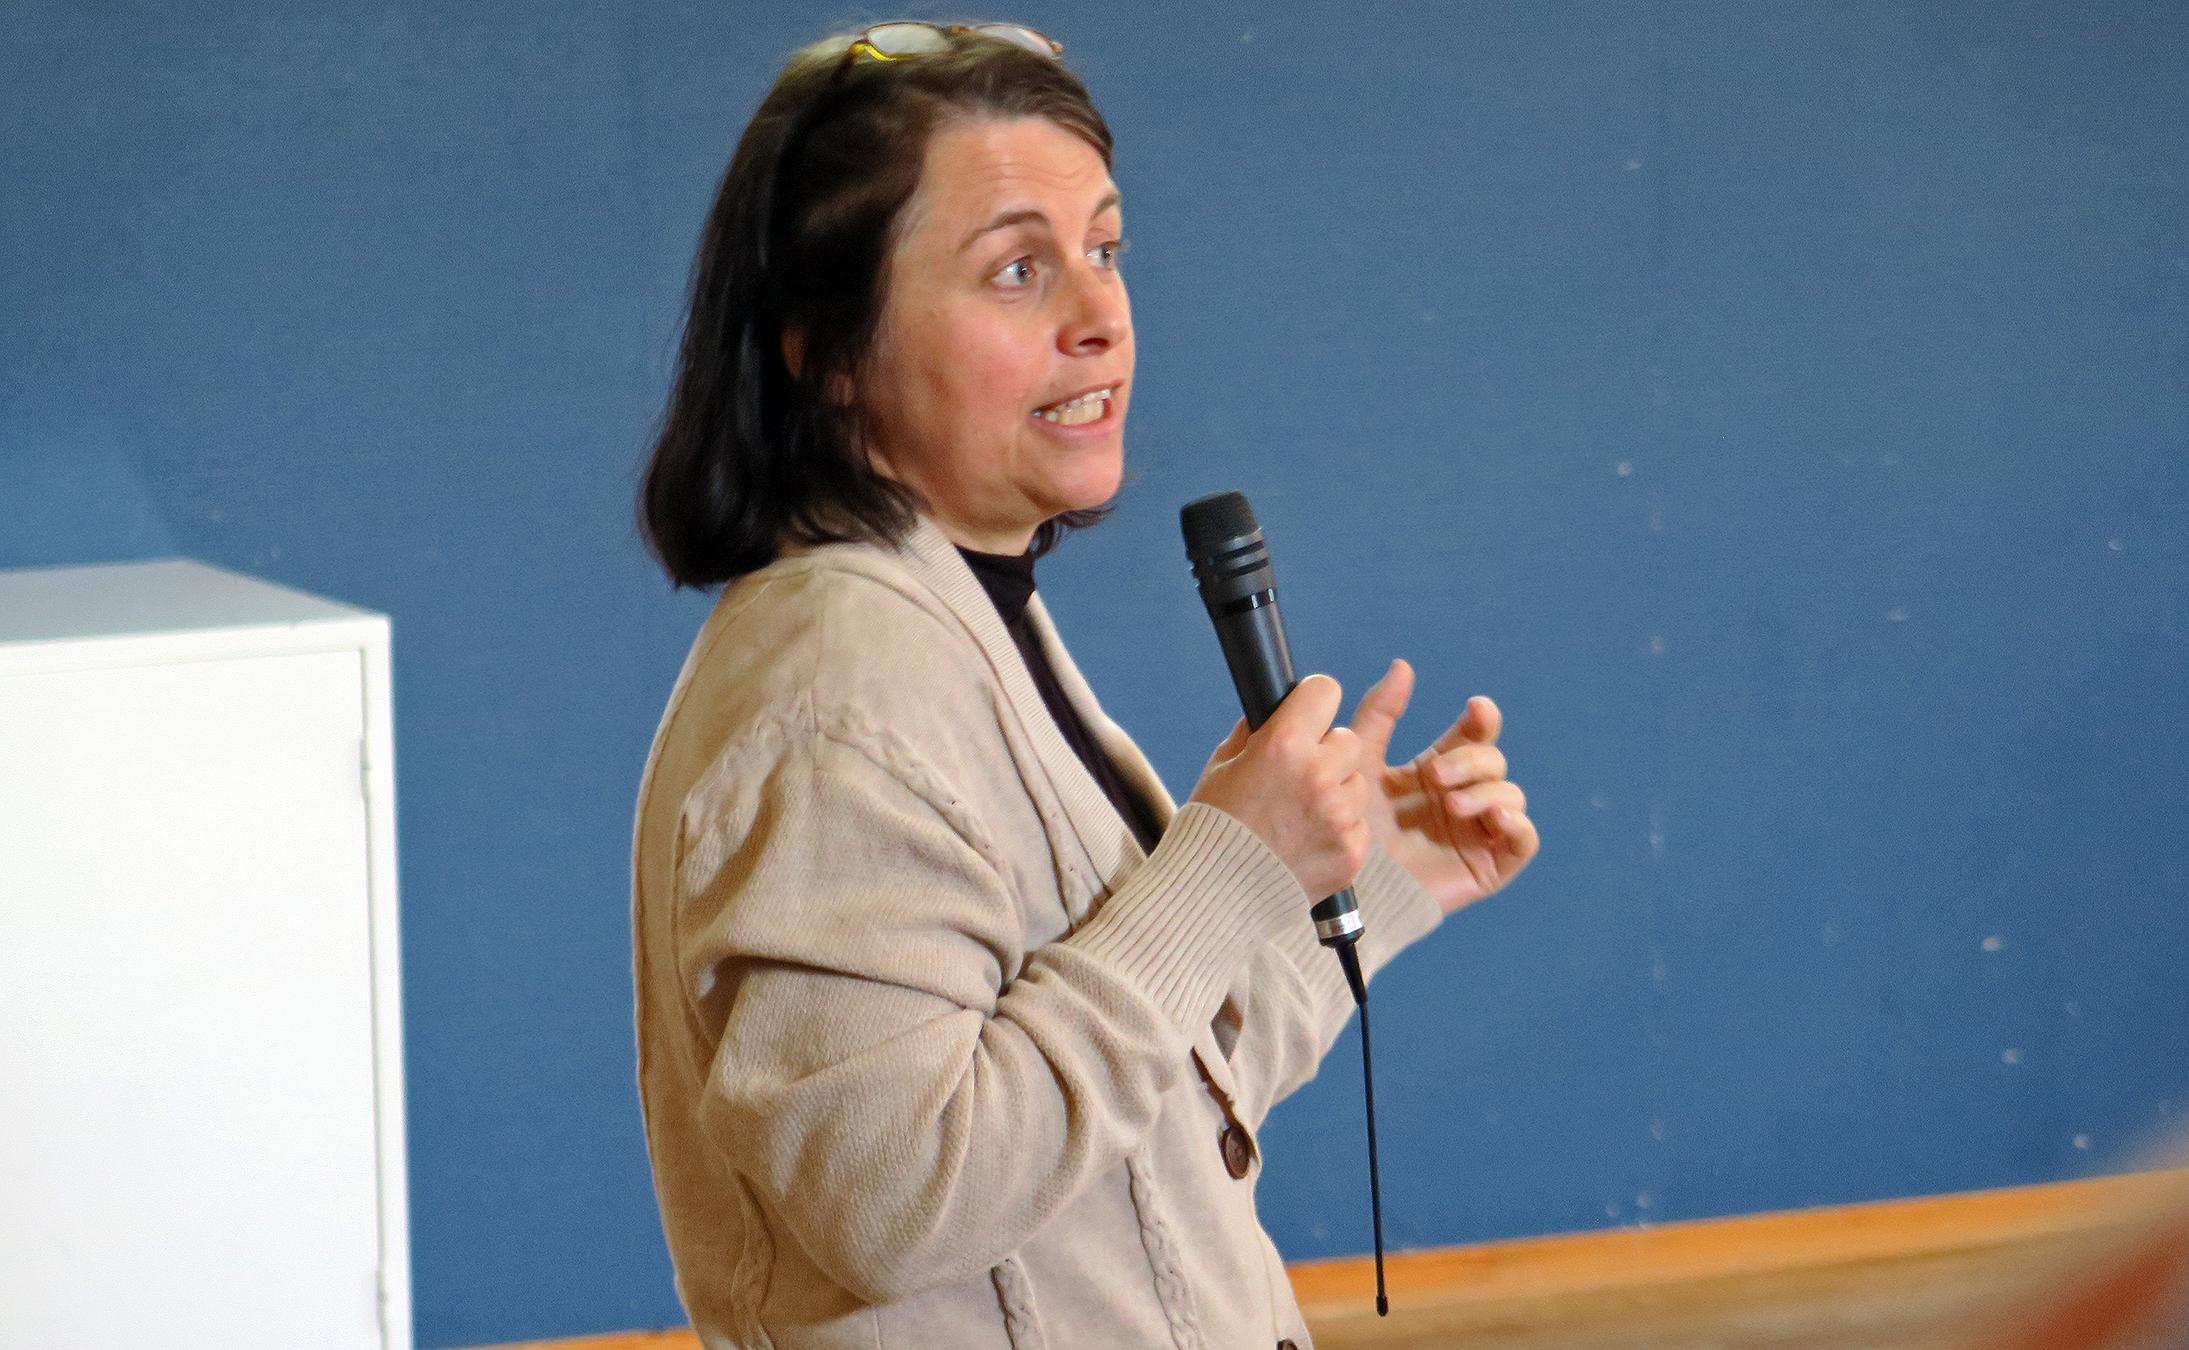 Kristin Nordli, seniorrådgiver i Kommunal- og moderniseringsdepartementet (KMD) orienterte om arbeidet med de regionale planene og forventningene som stilles til disse. Foto: A. Nyaas